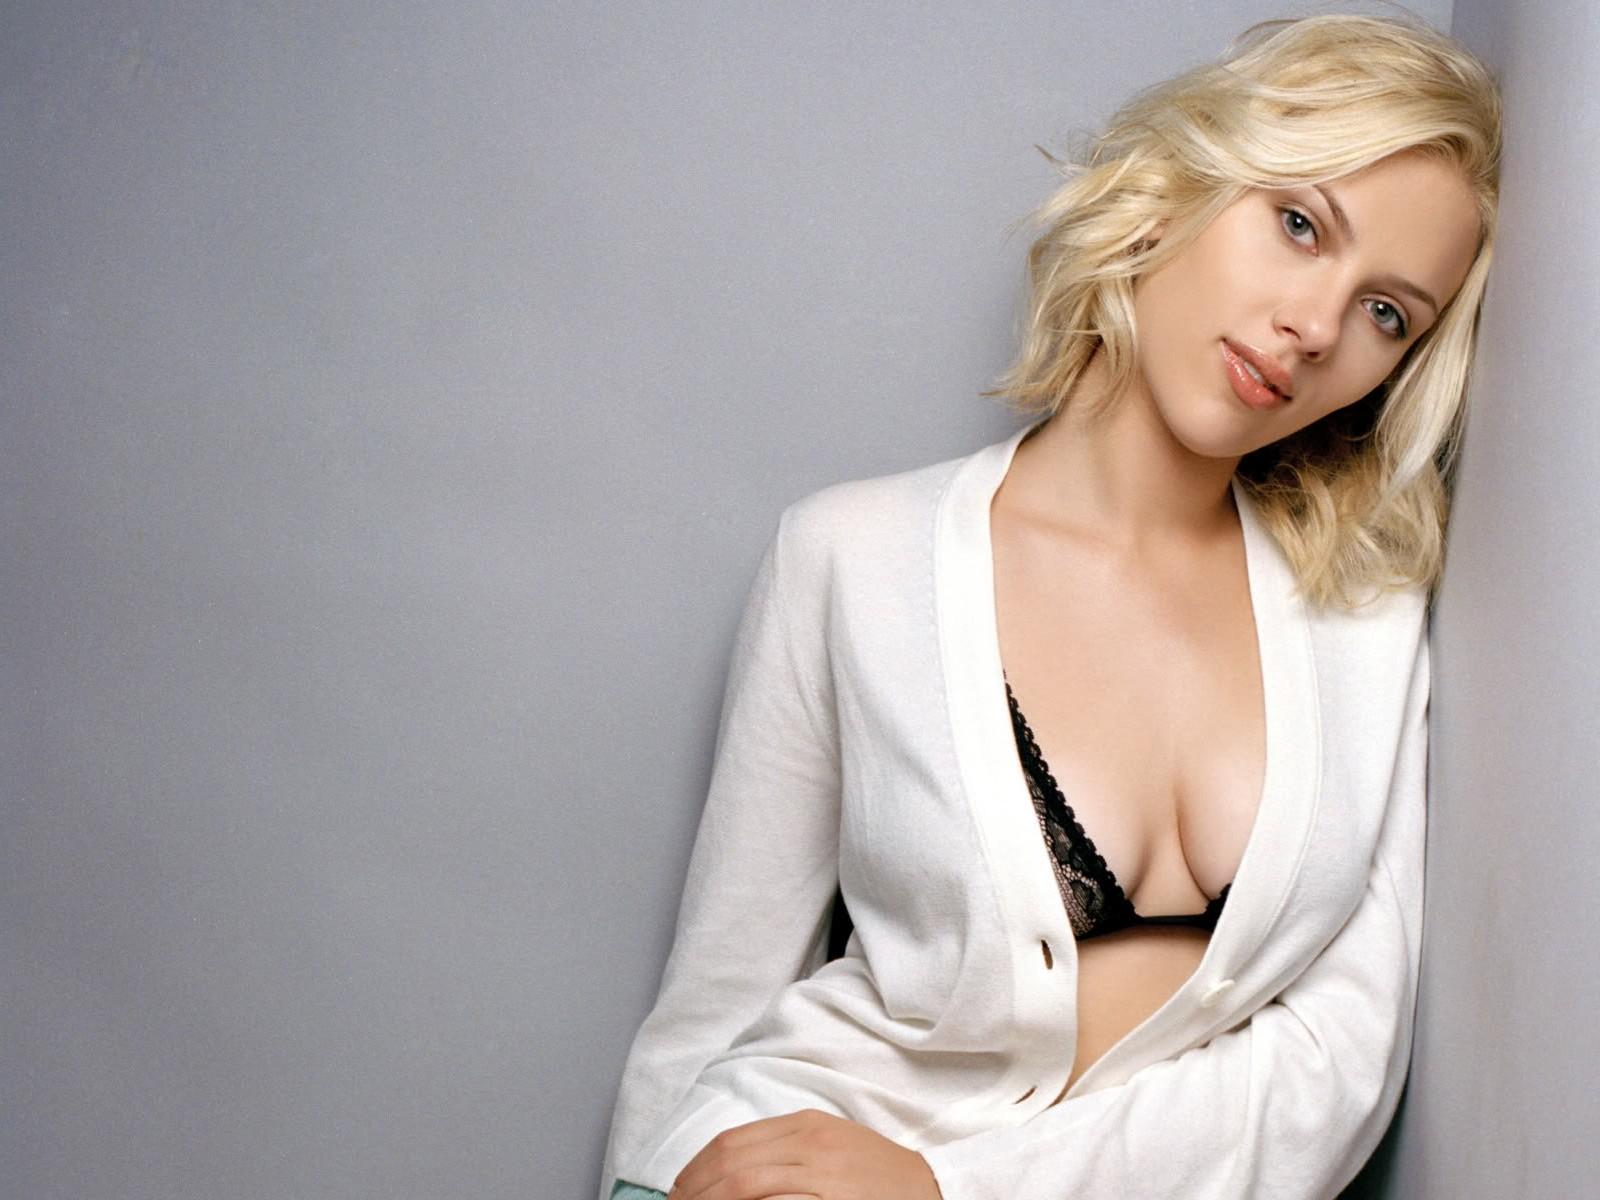 http://4.bp.blogspot.com/-ND_tT5hyOHU/T-Pe8_rz2tI/AAAAAAAADMc/MeRHiexdf-A/s1600/Scarlett+Johansson+02.jpg